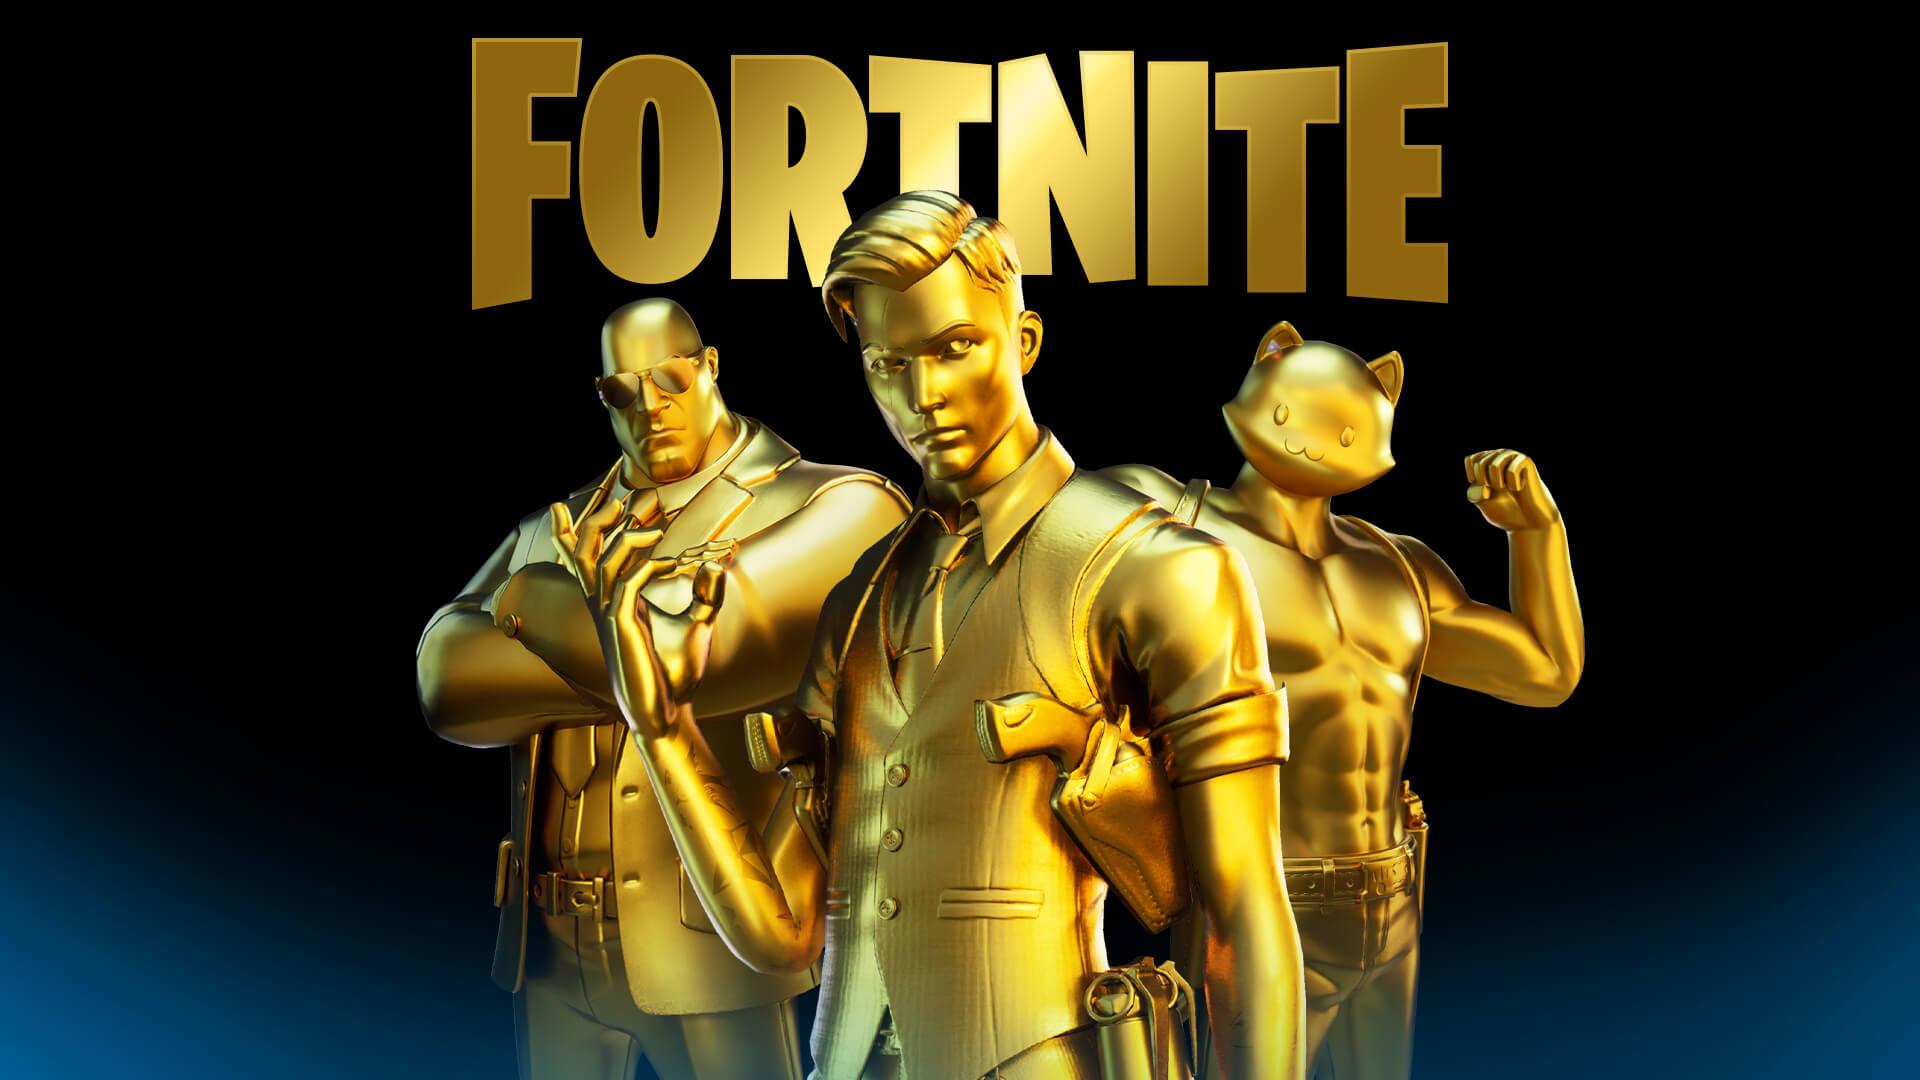 Fortnite decidió extender la Temporada 2 del capítulo 2